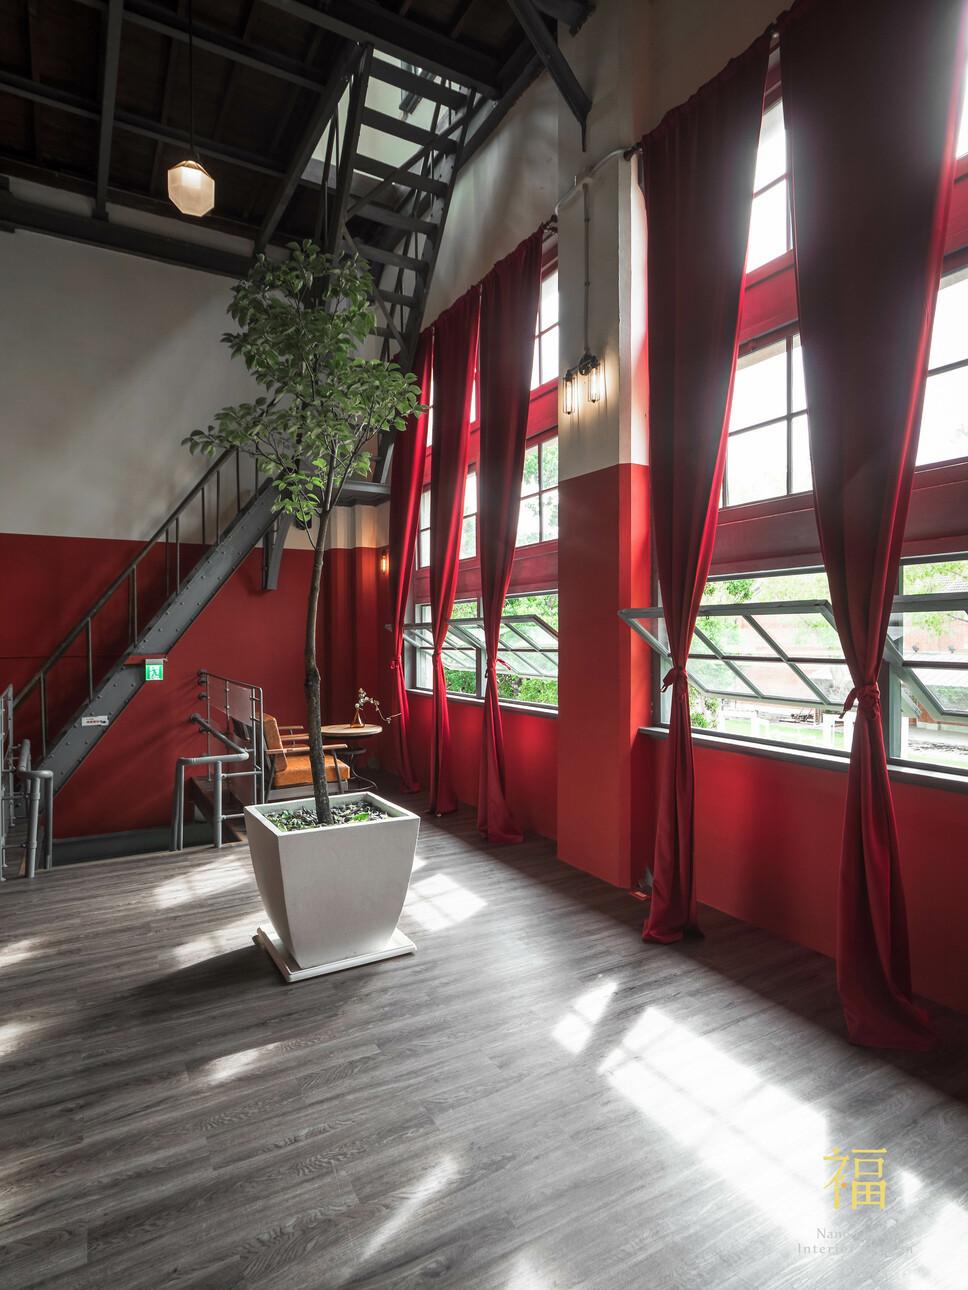 國王蝴蝶秘密基地roicafe咖啡廳-現代主義式建築設計|小福砌商業咖啡廳空間設計